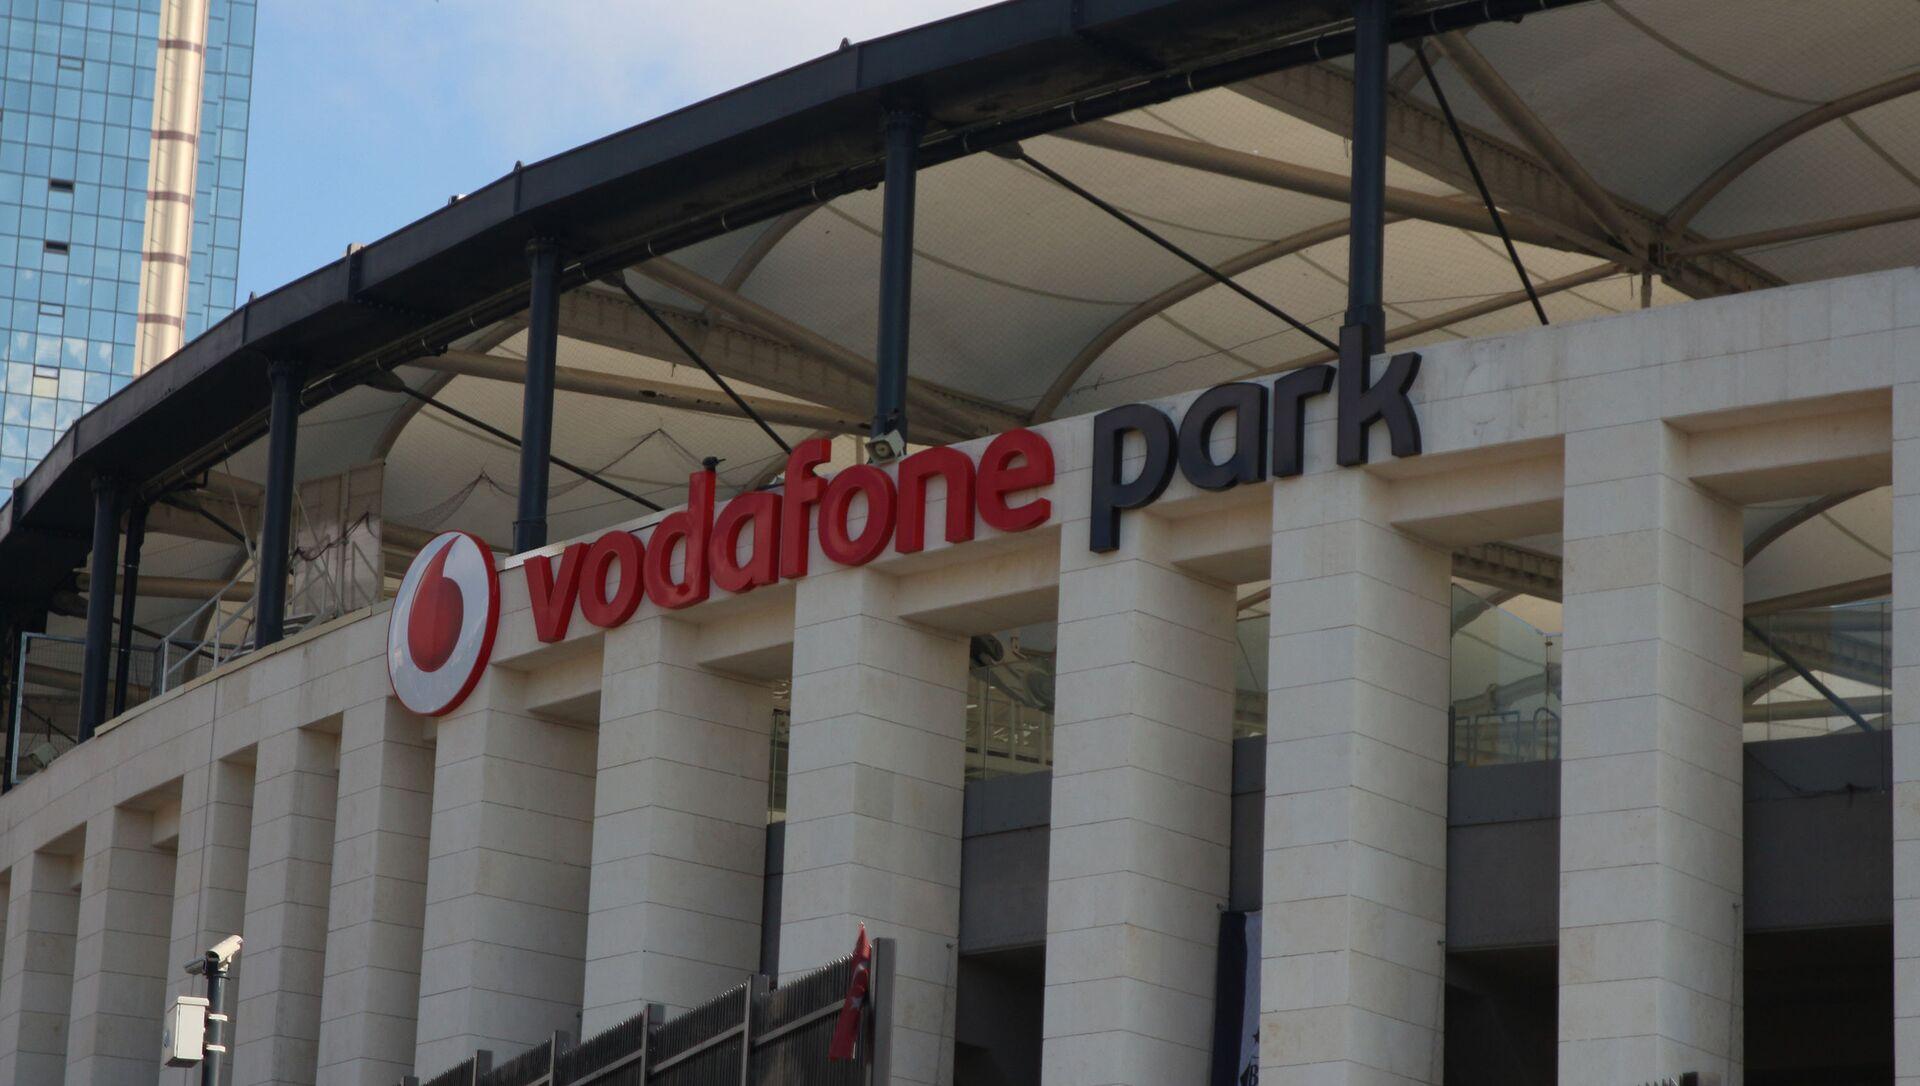 Vodafone Arena'nın tabelası değişti - Sputnik Türkiye, 1920, 14.06.2021